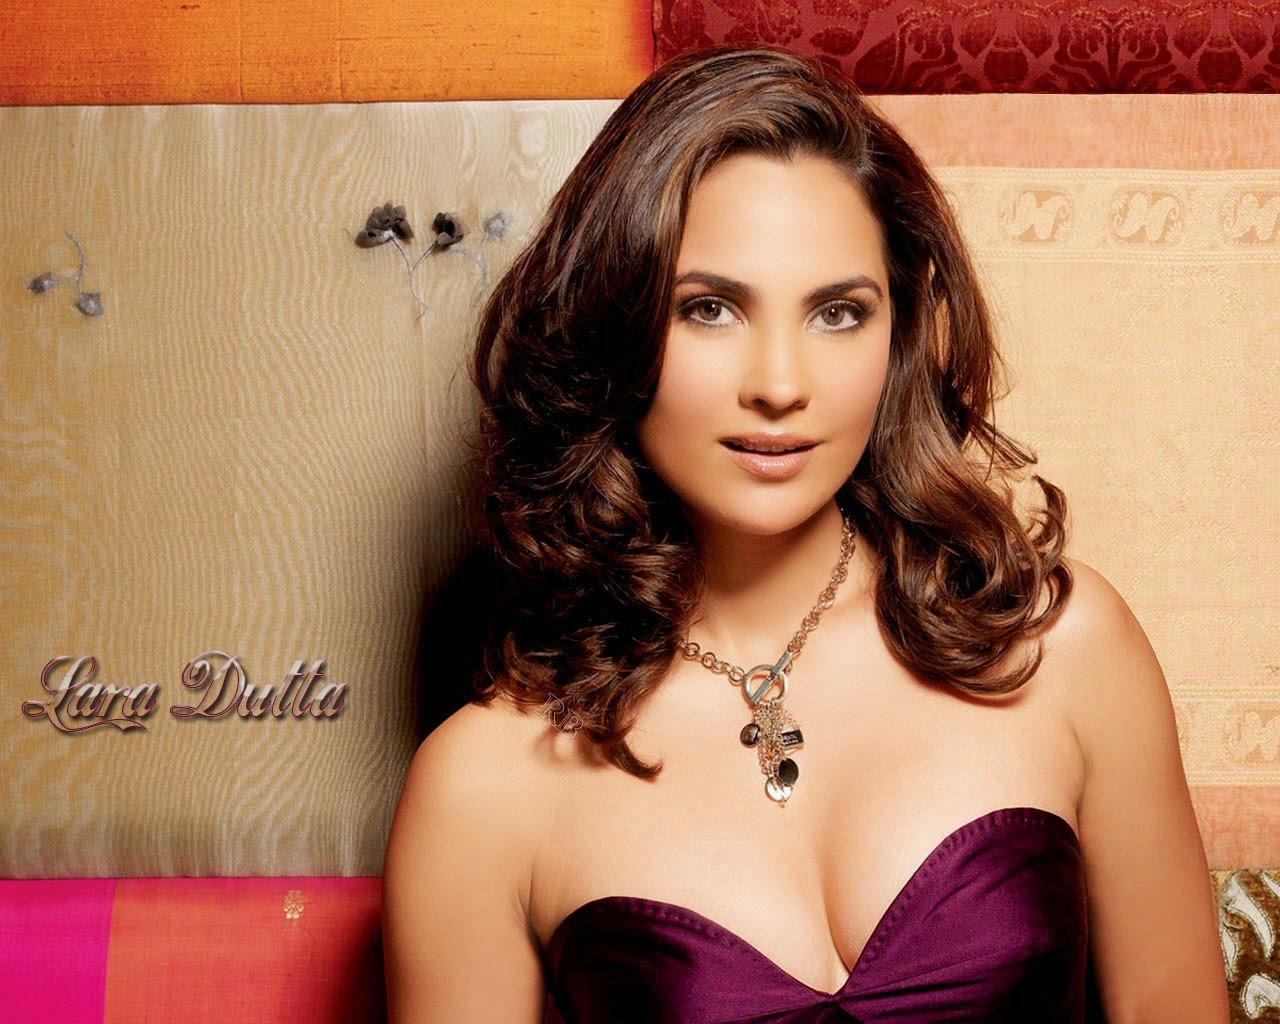 Lara Dutta Hd Wallpapers Free Download